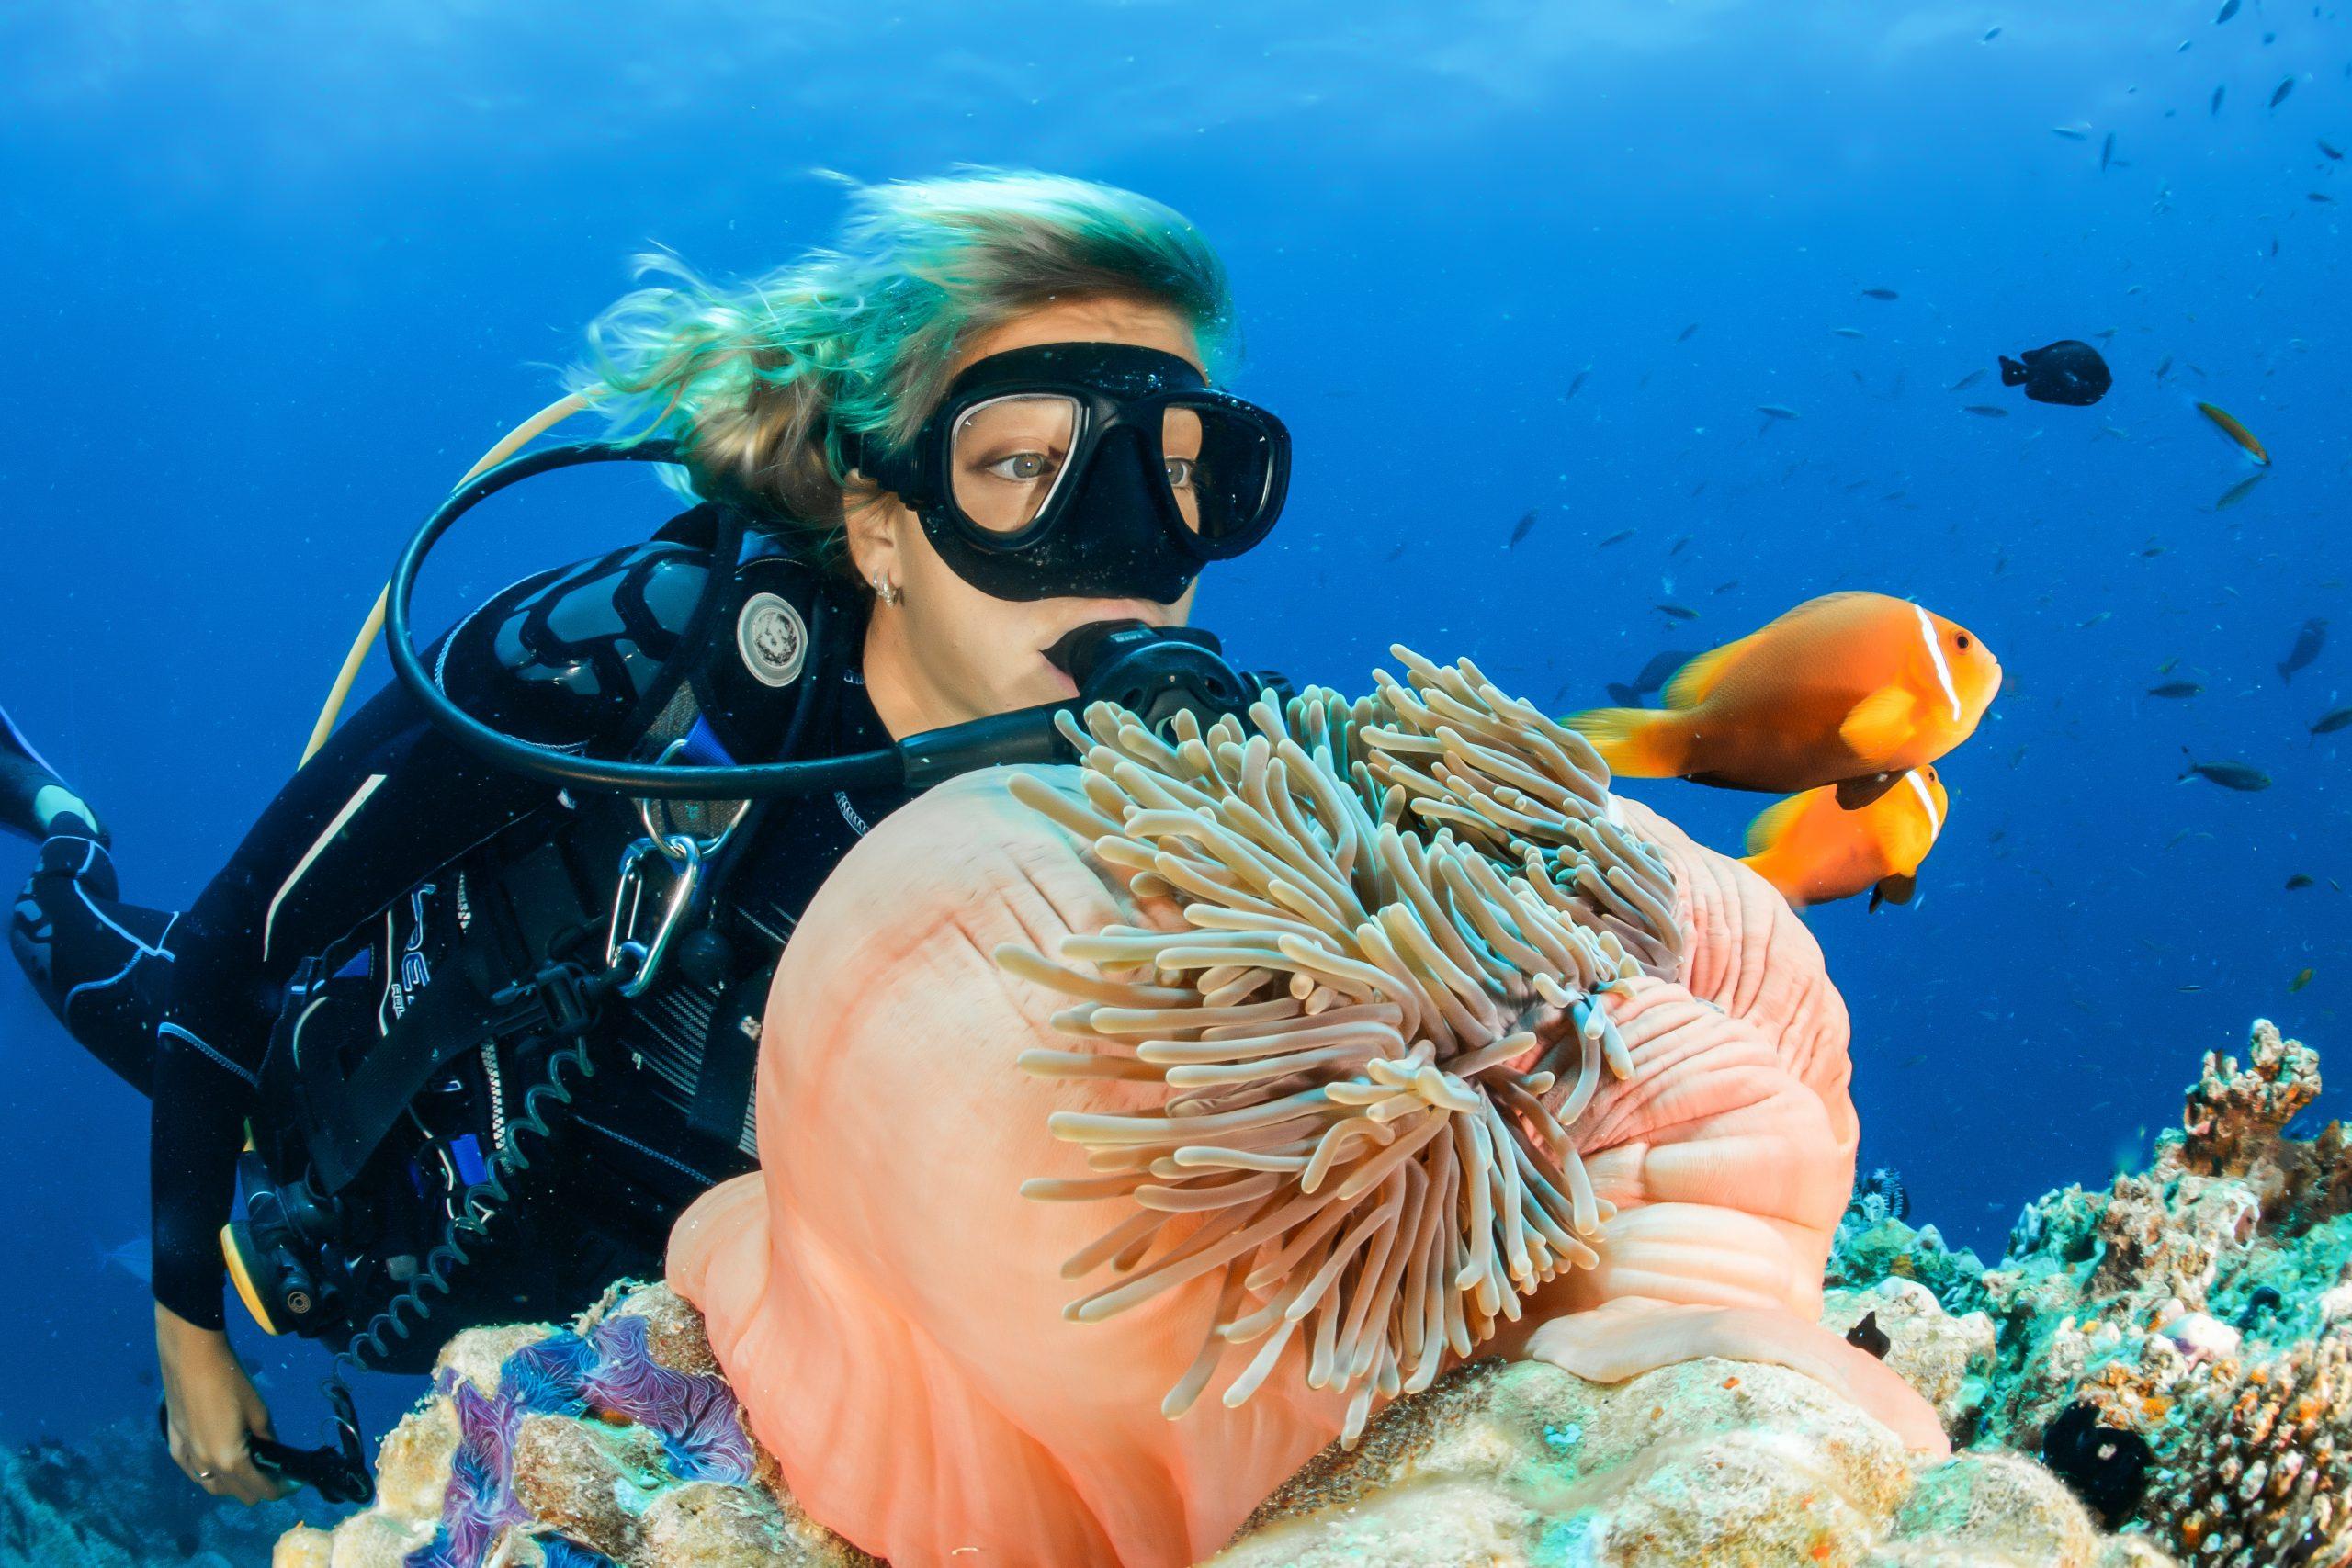 Plongez avec PADI, l'organisation leader de formation de plongeurs dans le monde